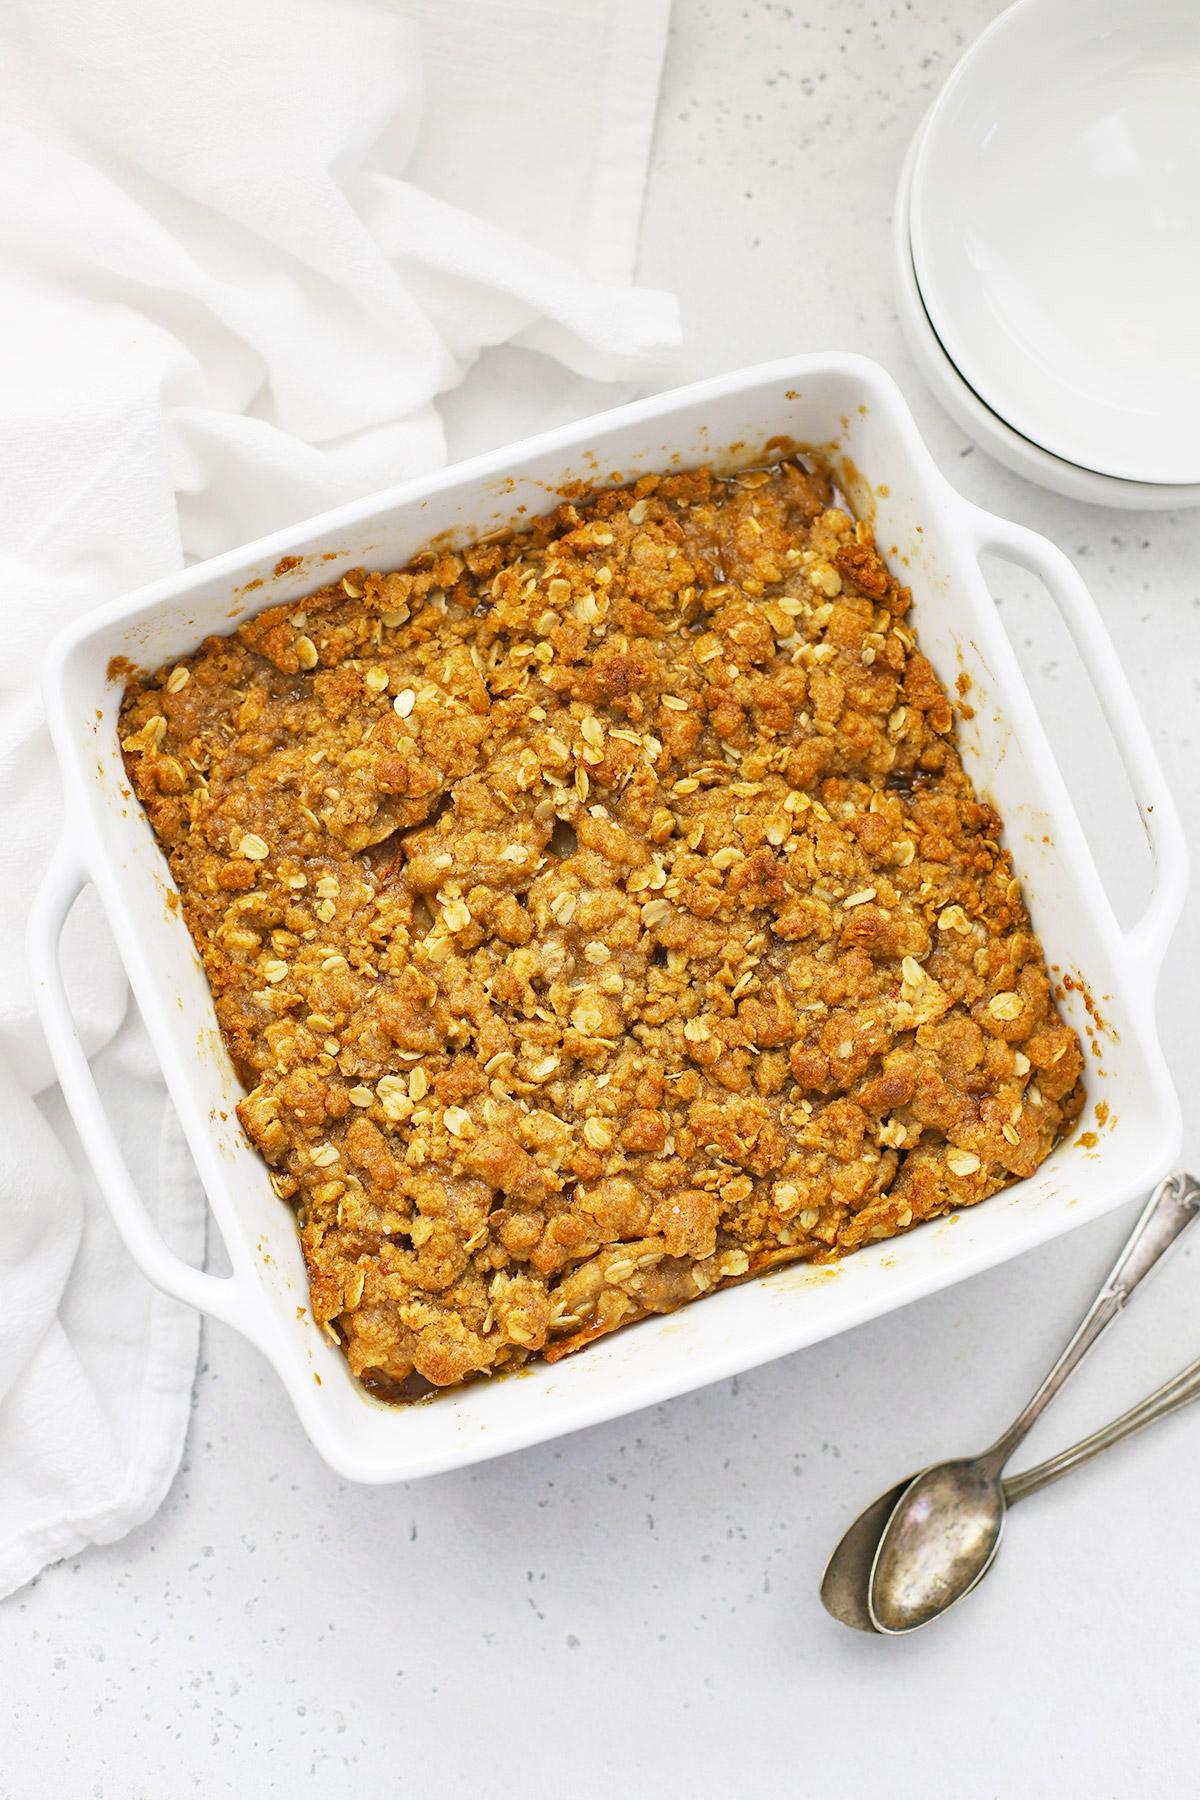 White baking dish of gluten-free apple crisp from One Lovely Life